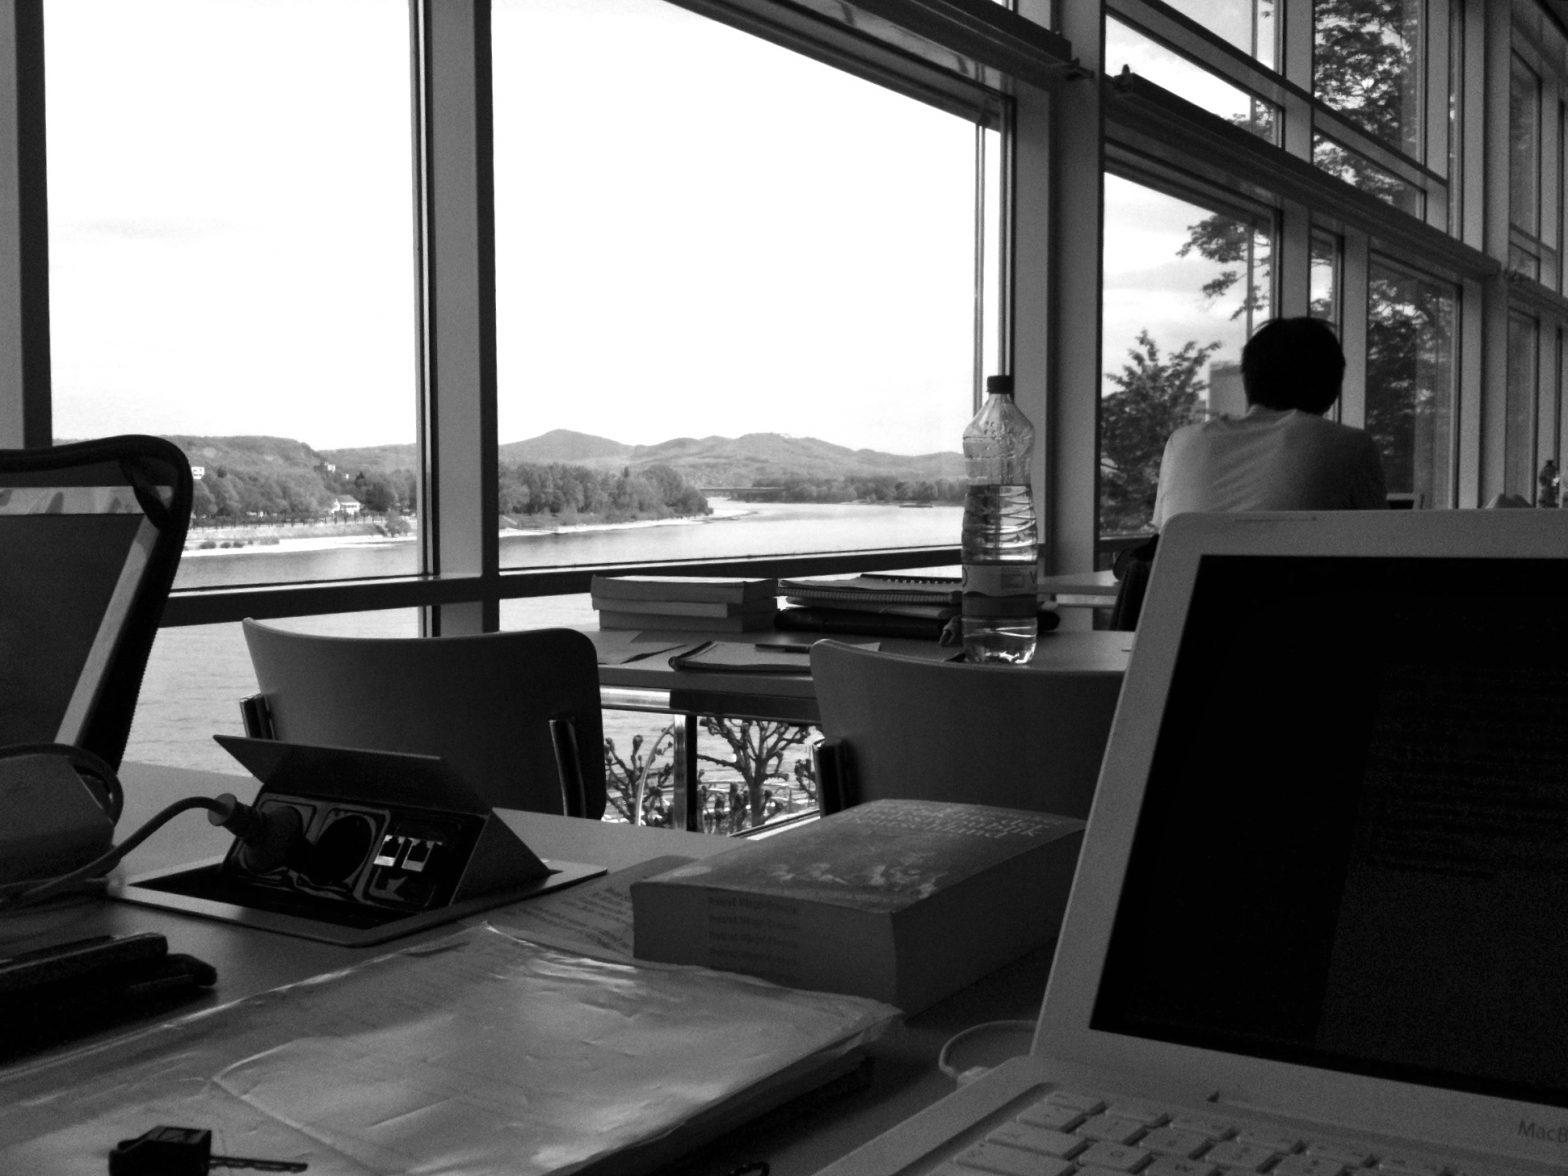 Schreibtisch in der ULB mit Blick auf das Siebengebirge